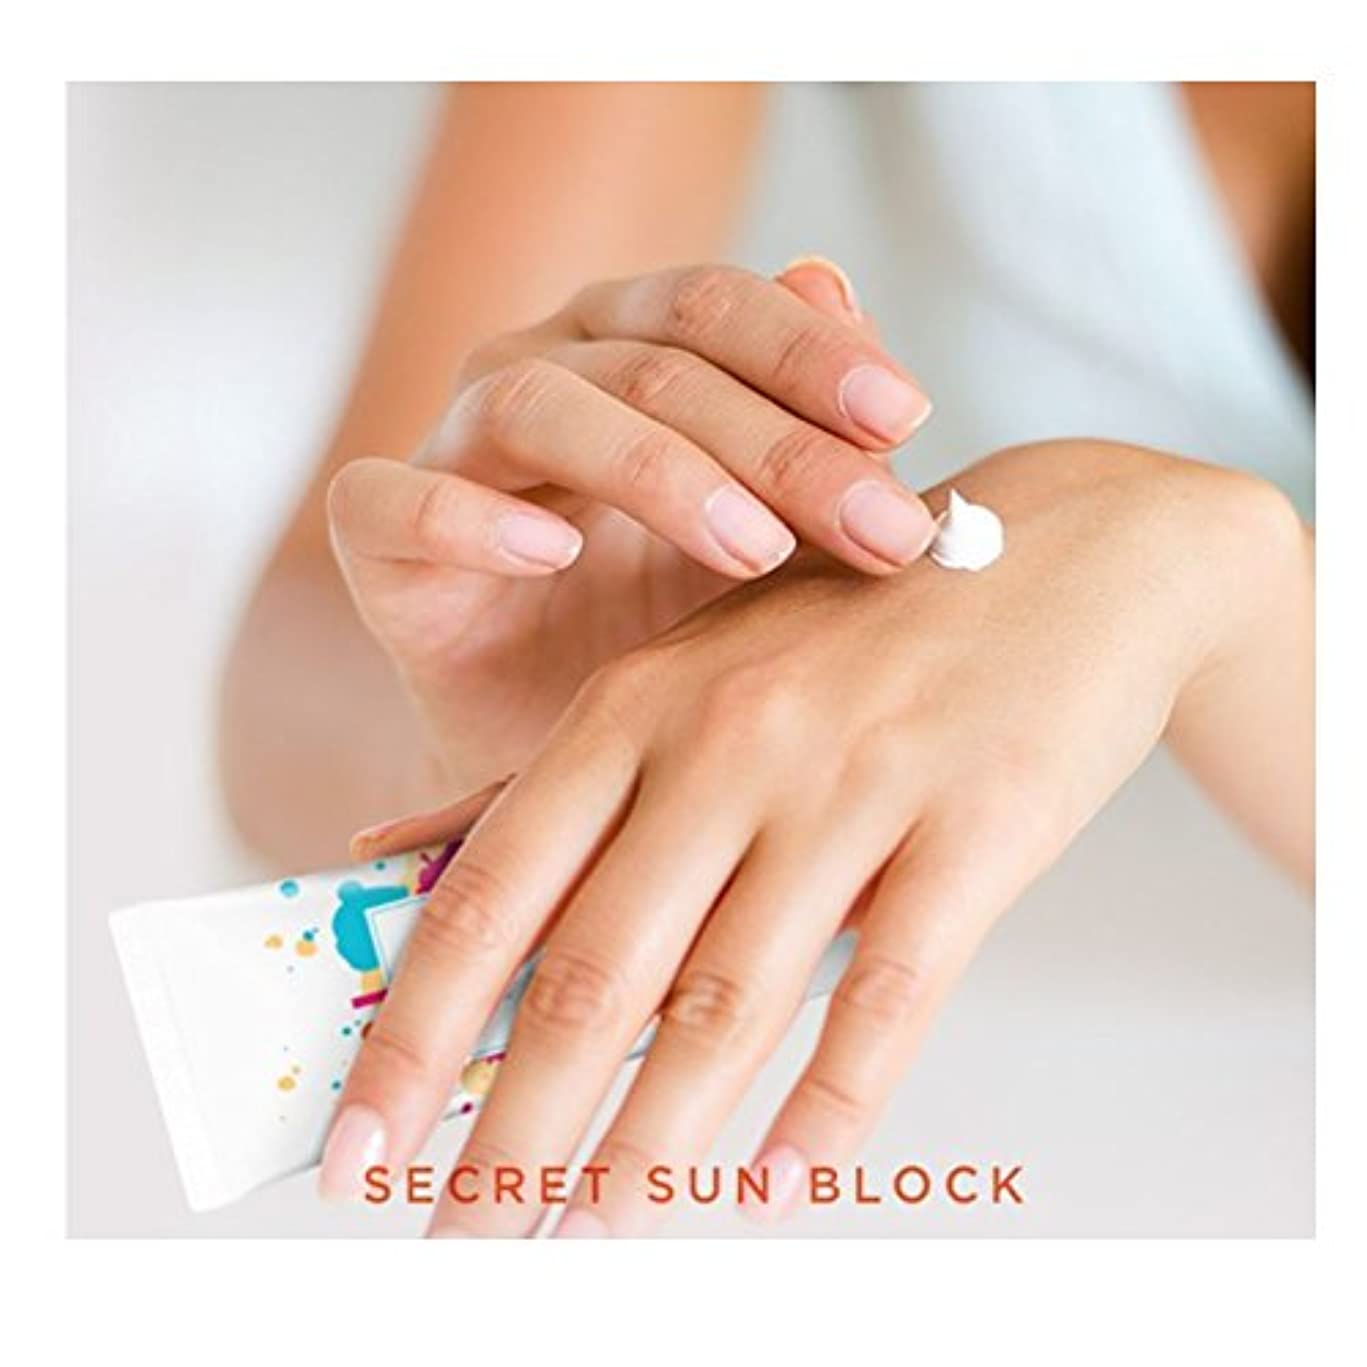 曇った頼るしてはいけないボンツリーベリー?エッセンス?サンブルロク(SPF50+/PA+++) 50ml x 2本セット サンクリーム 韓国コスメ, Borntree Berry Essence Sun Block (SPF50+/PA+++)...